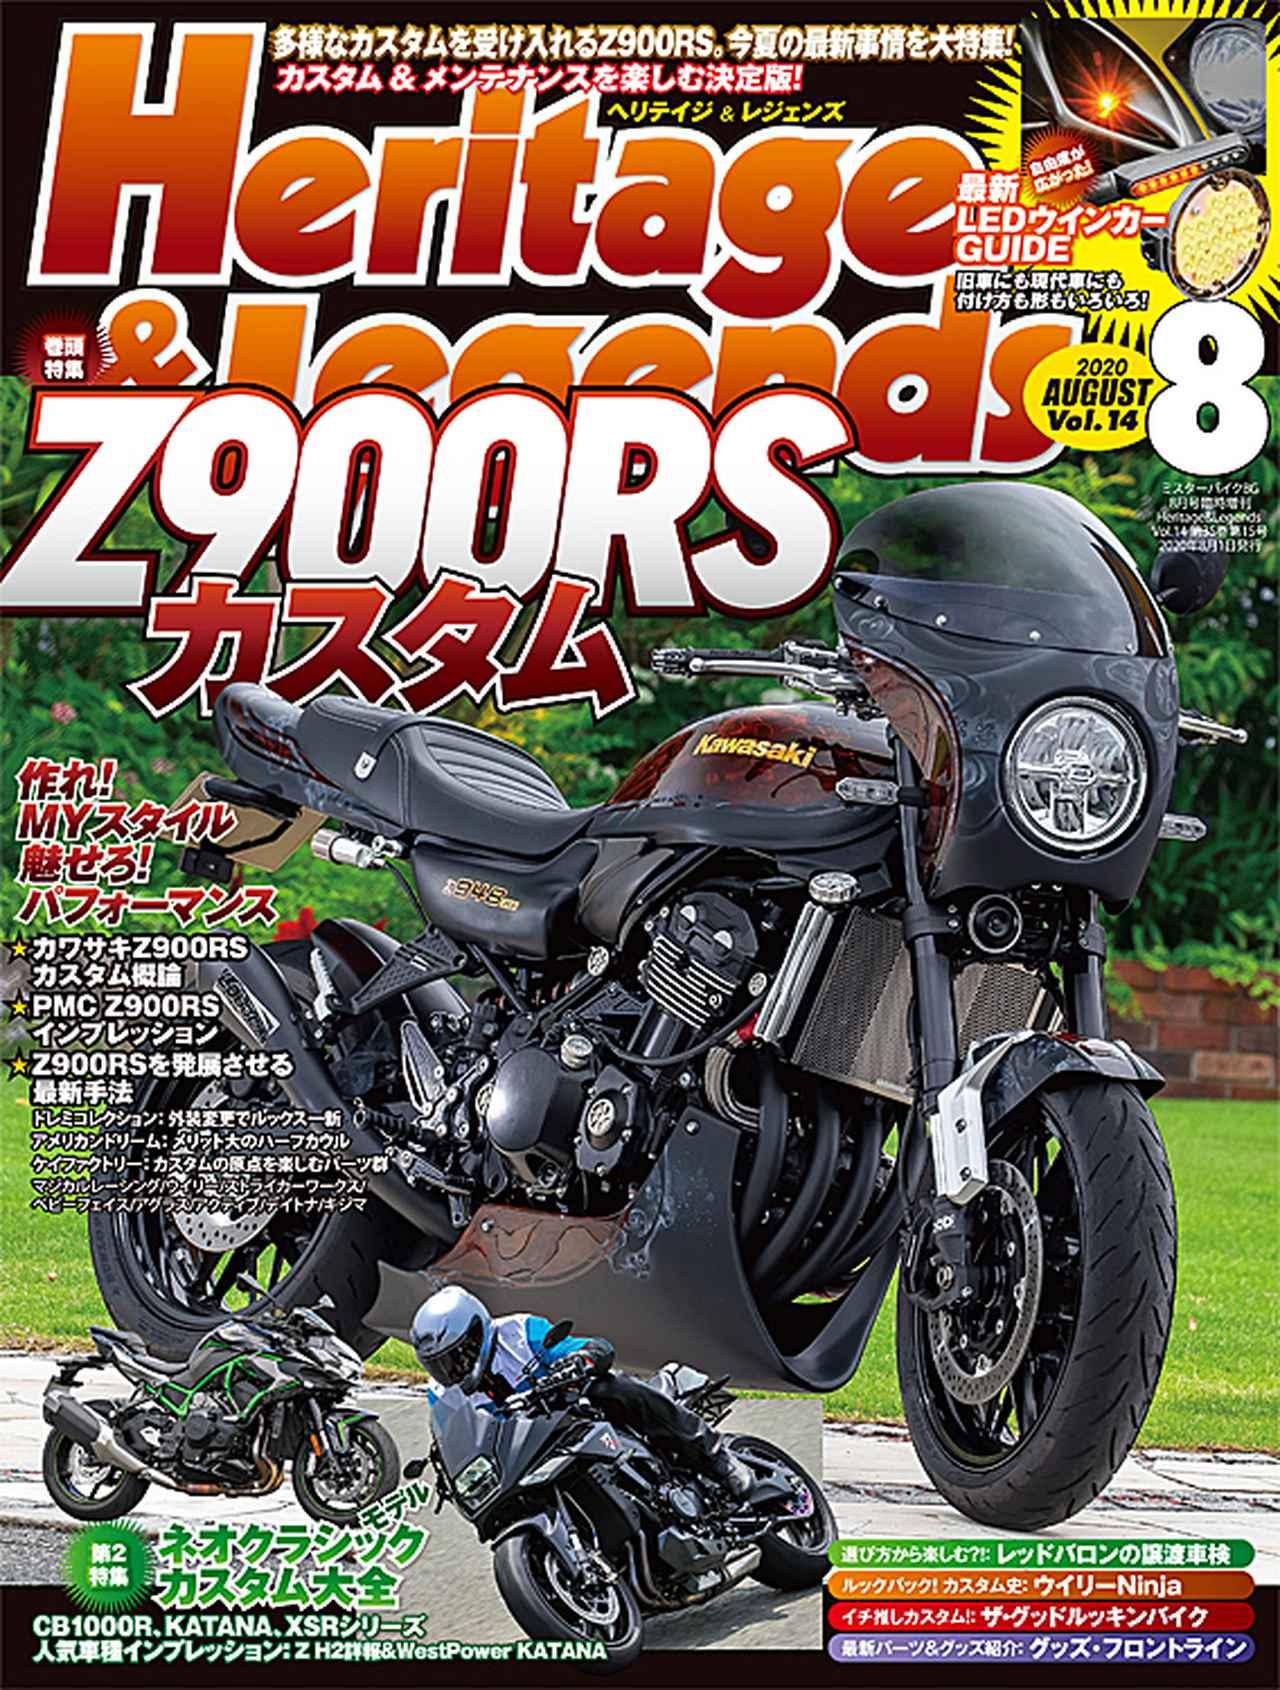 画像: 月刊ヘリテイジ&レジェンズ8月号(Vol.14)好評発売中! | ヘリテイジ&レジェンズ|Heritage& Legends